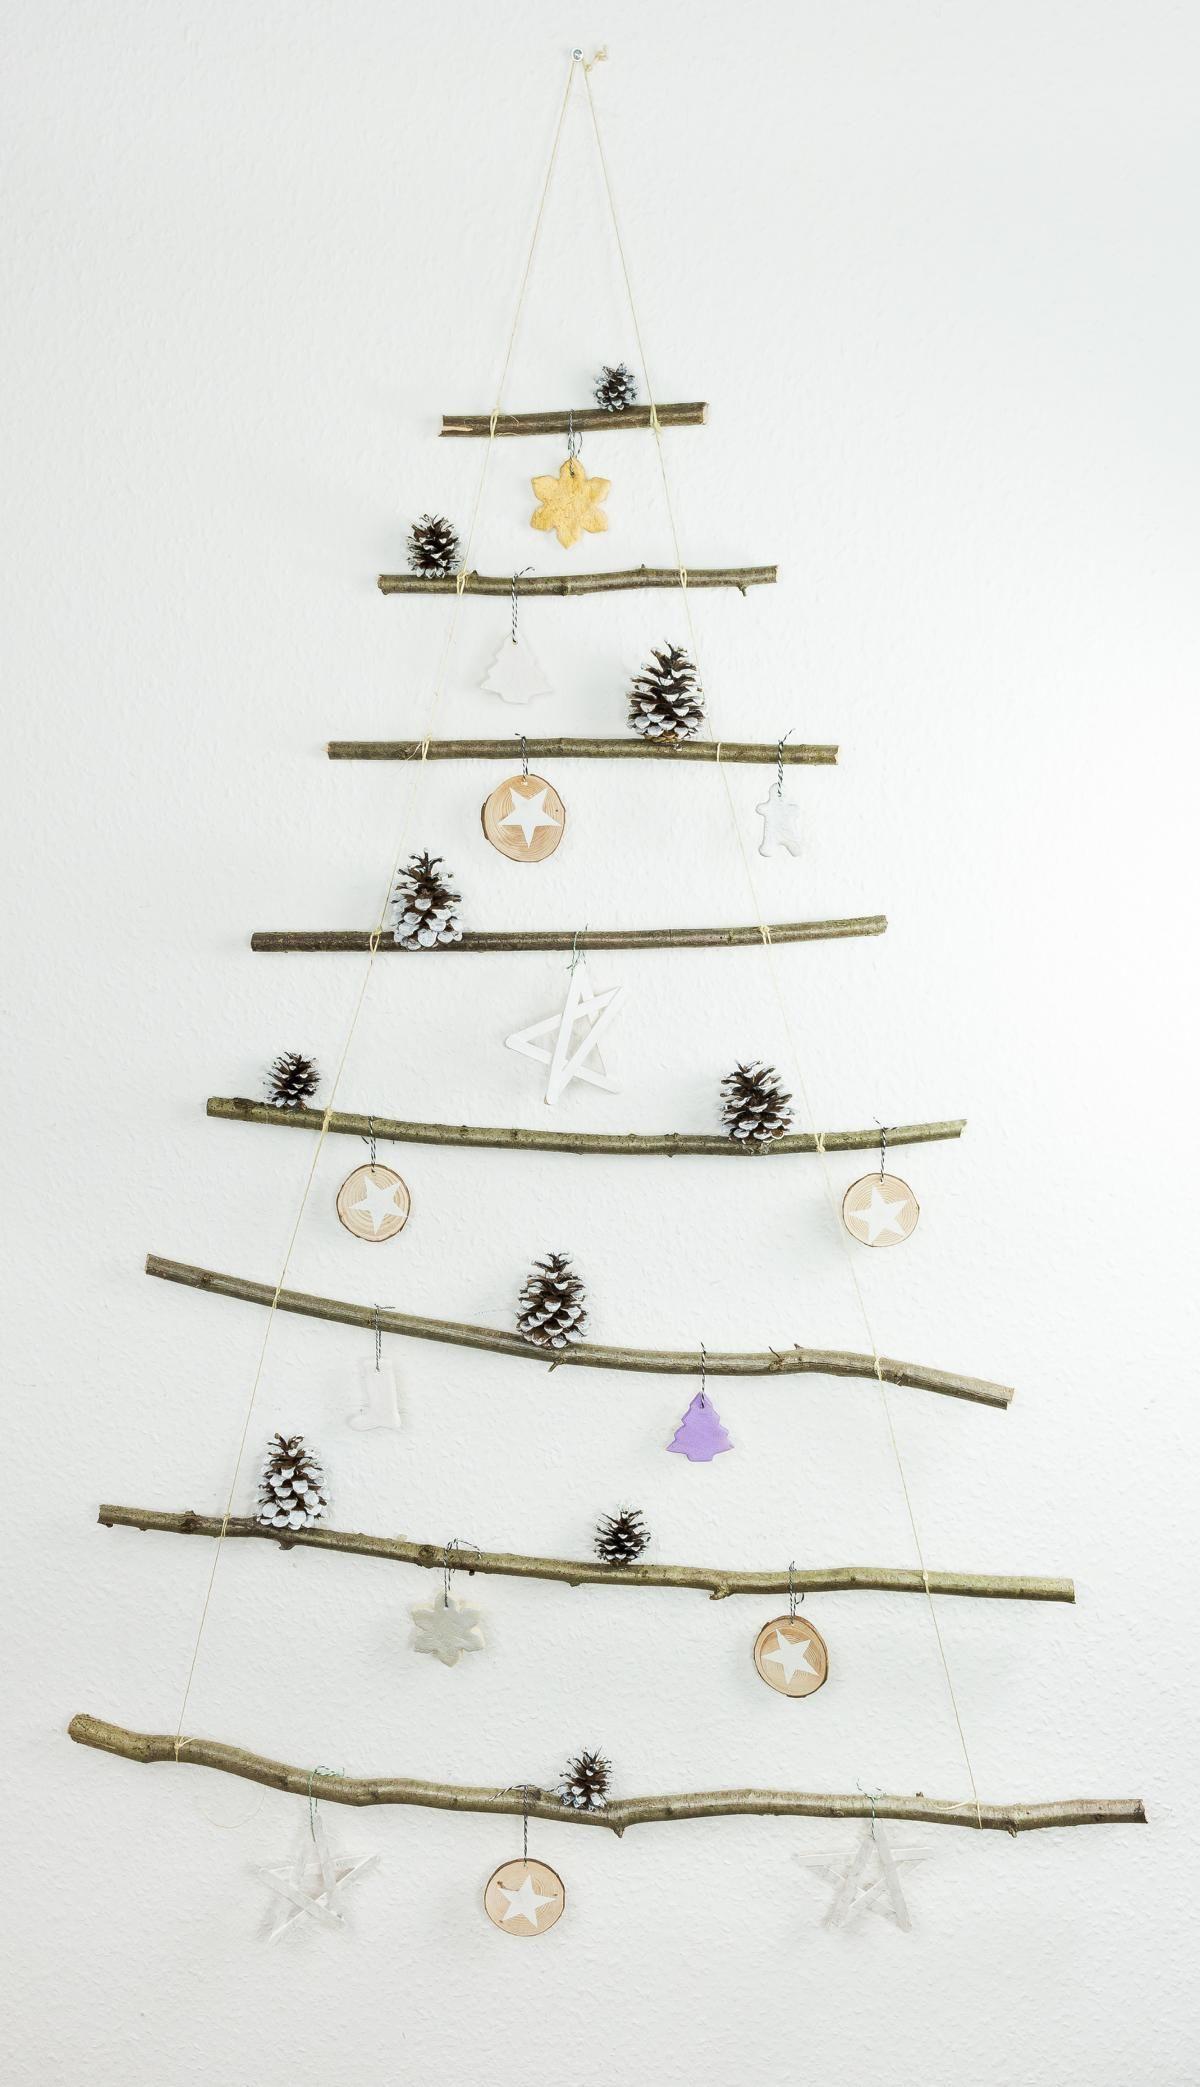 Aus ästen Basteln diy weihnachtsbaum aus ästen basteln einfach und günstig